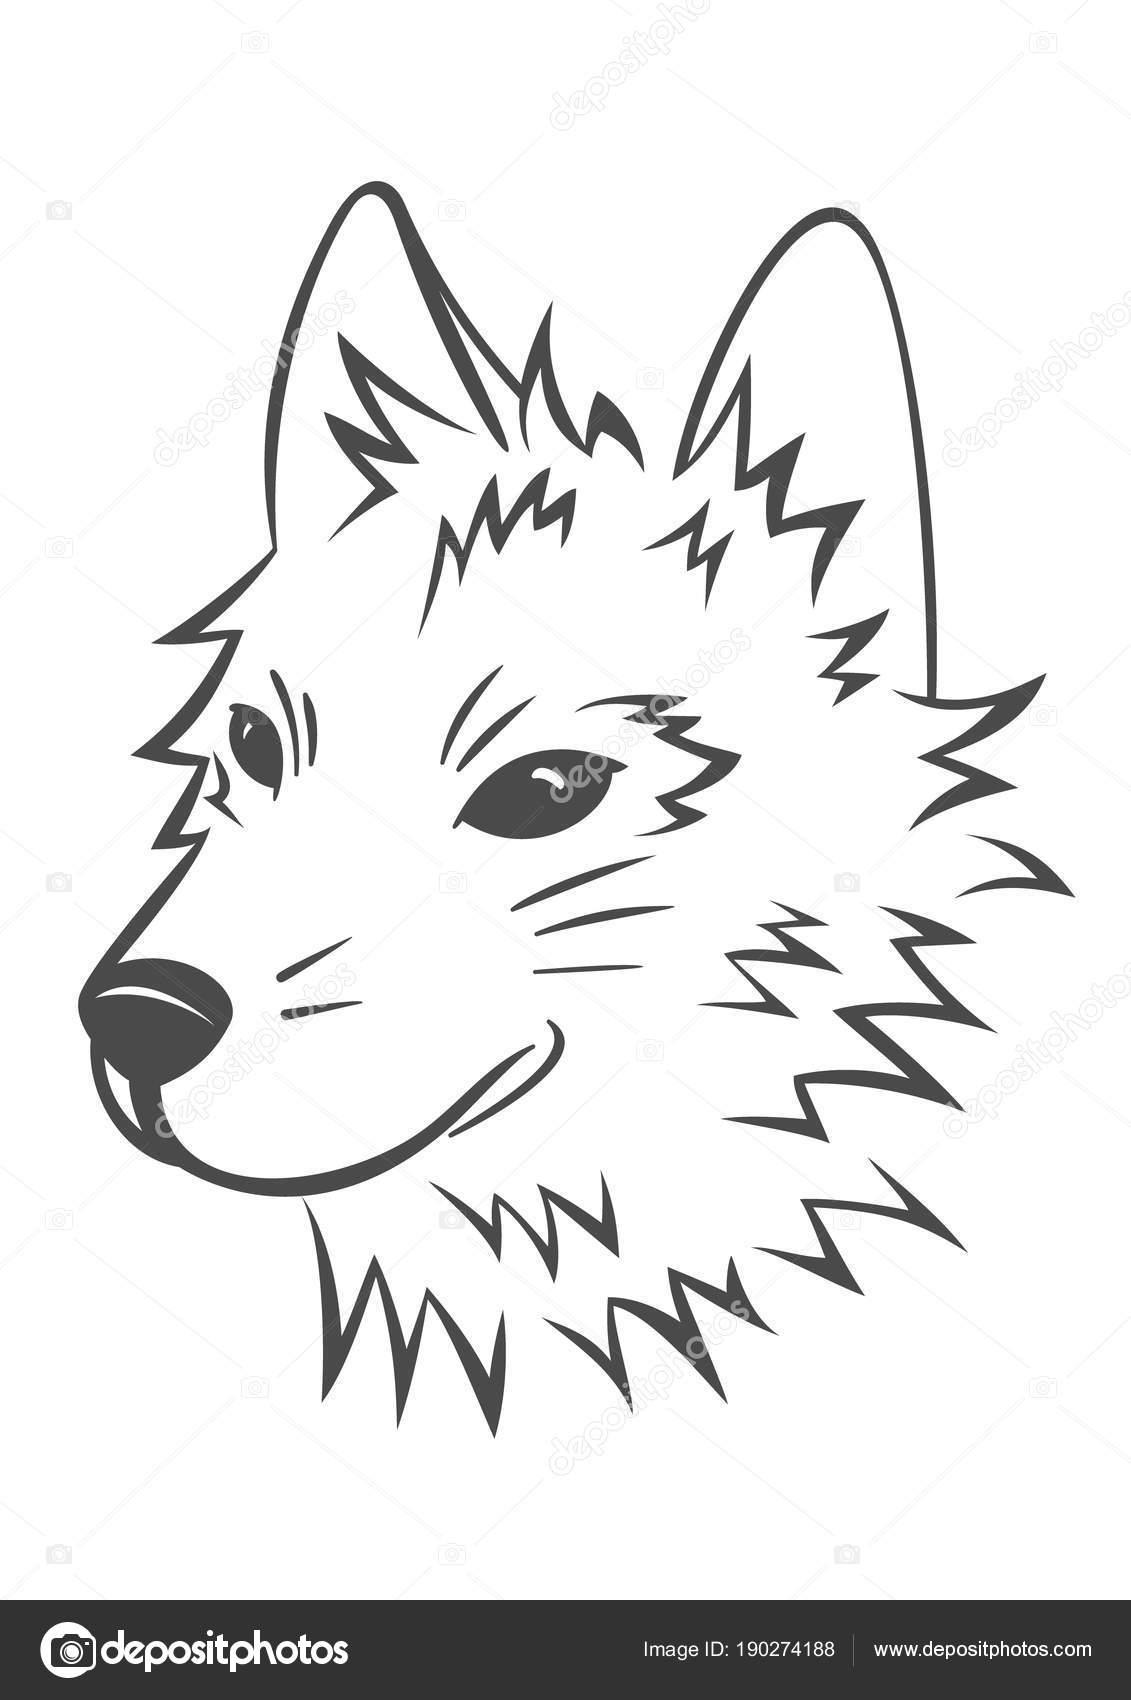 Vektor Wolf Kopf Stockvektor Zayatsandzayats 190274188